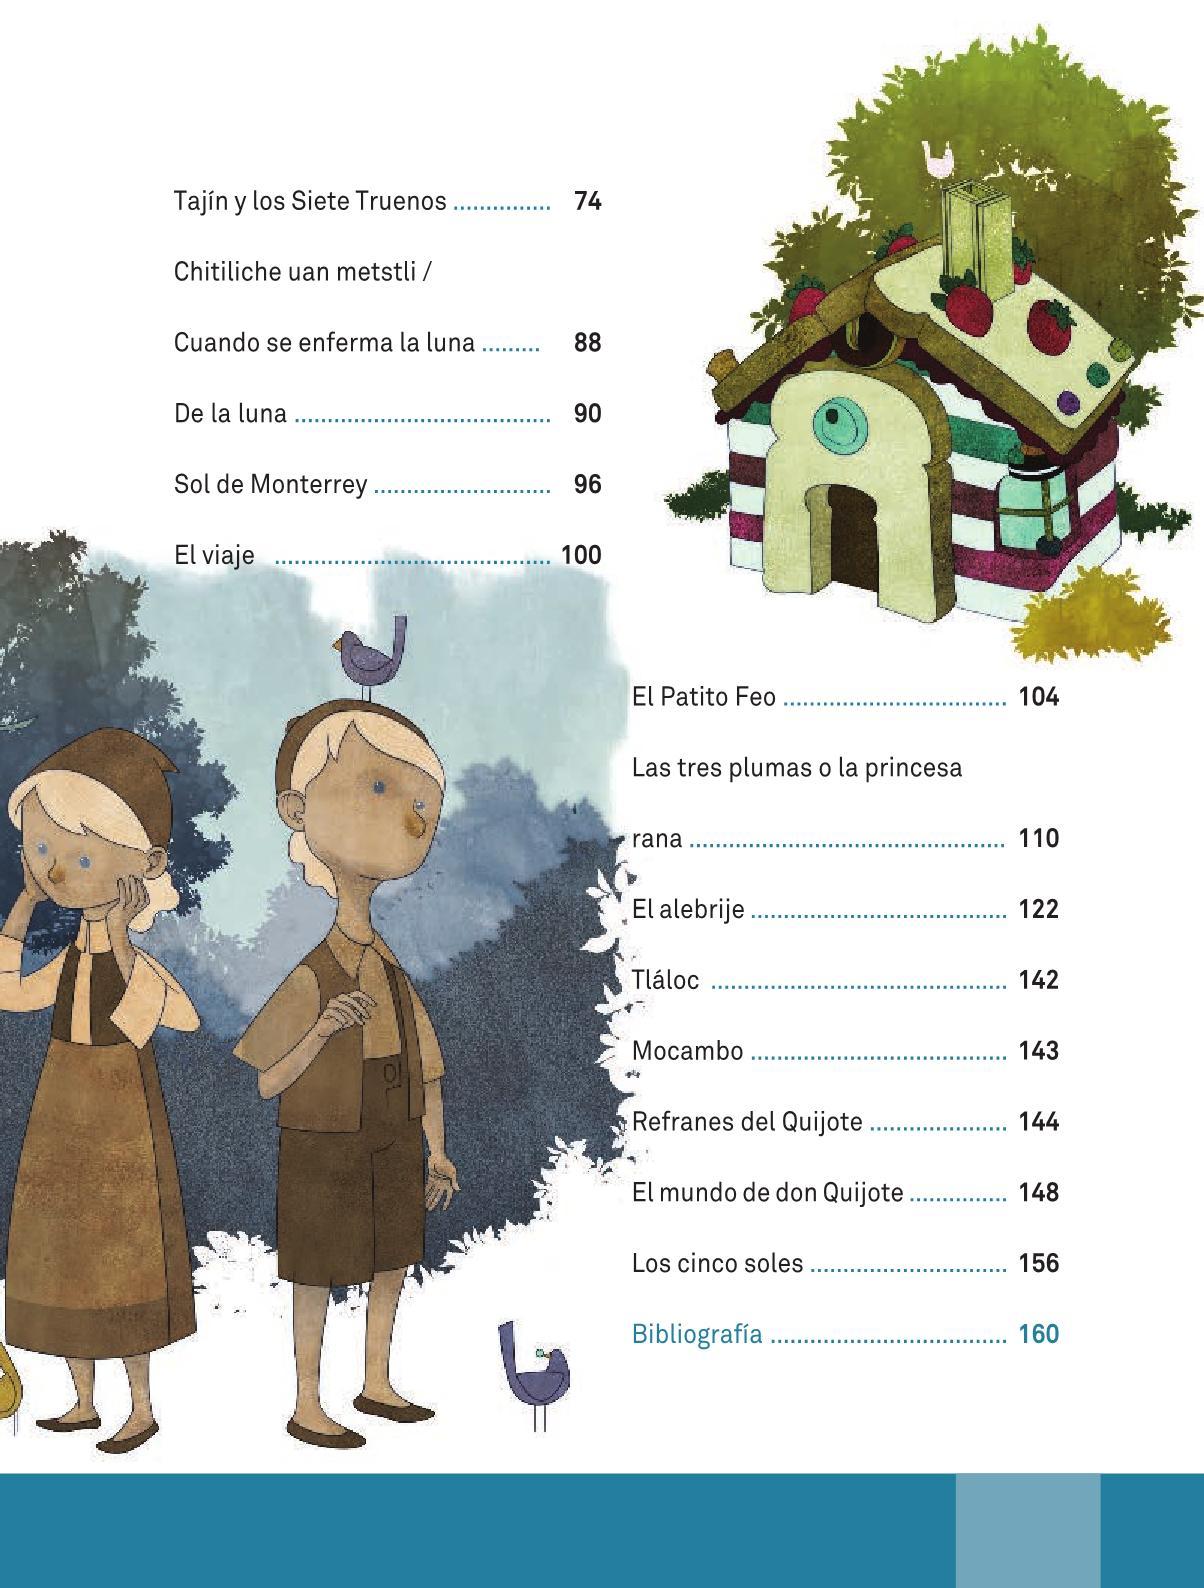 Libro de espaol 4 grado 2015 2016 libro de espaol 5 for Espanol lecturas cuarto grado 1993